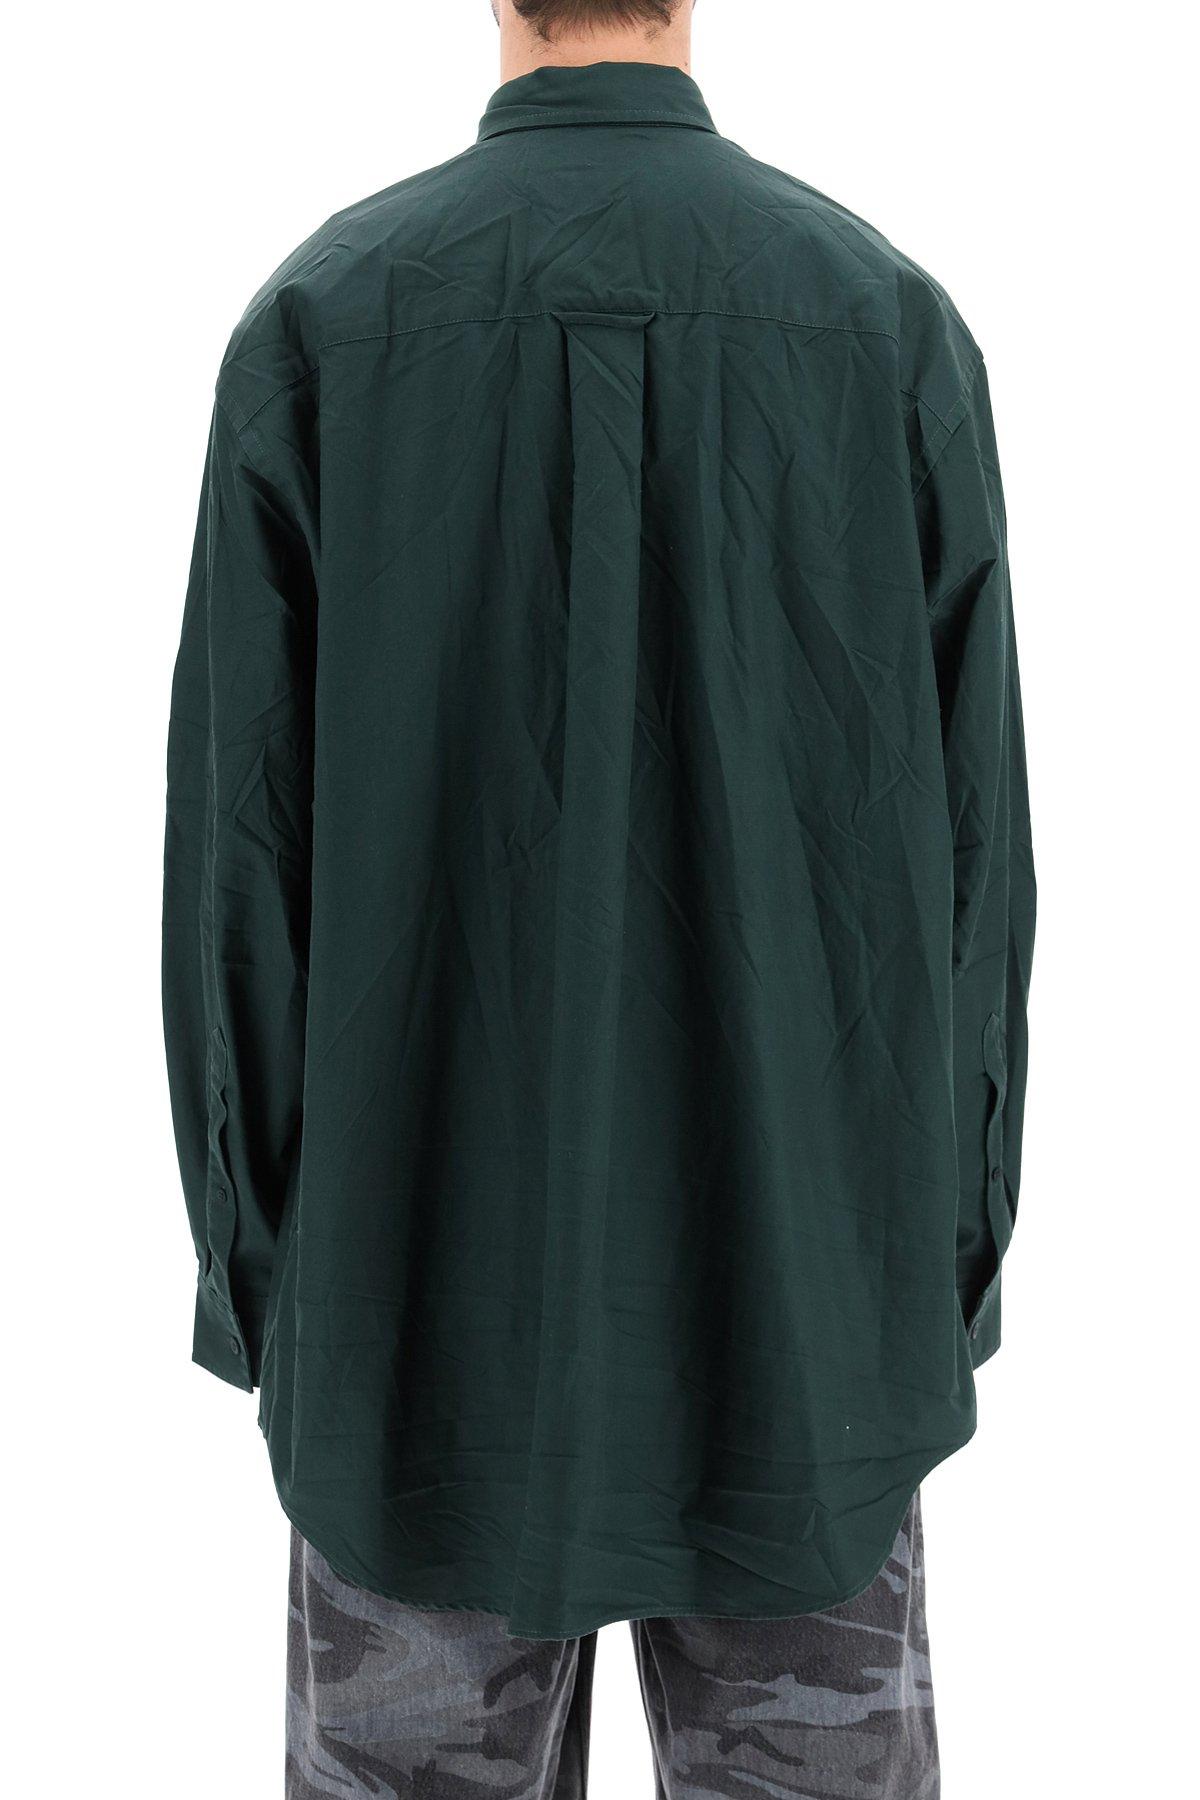 Balenciaga camicia over